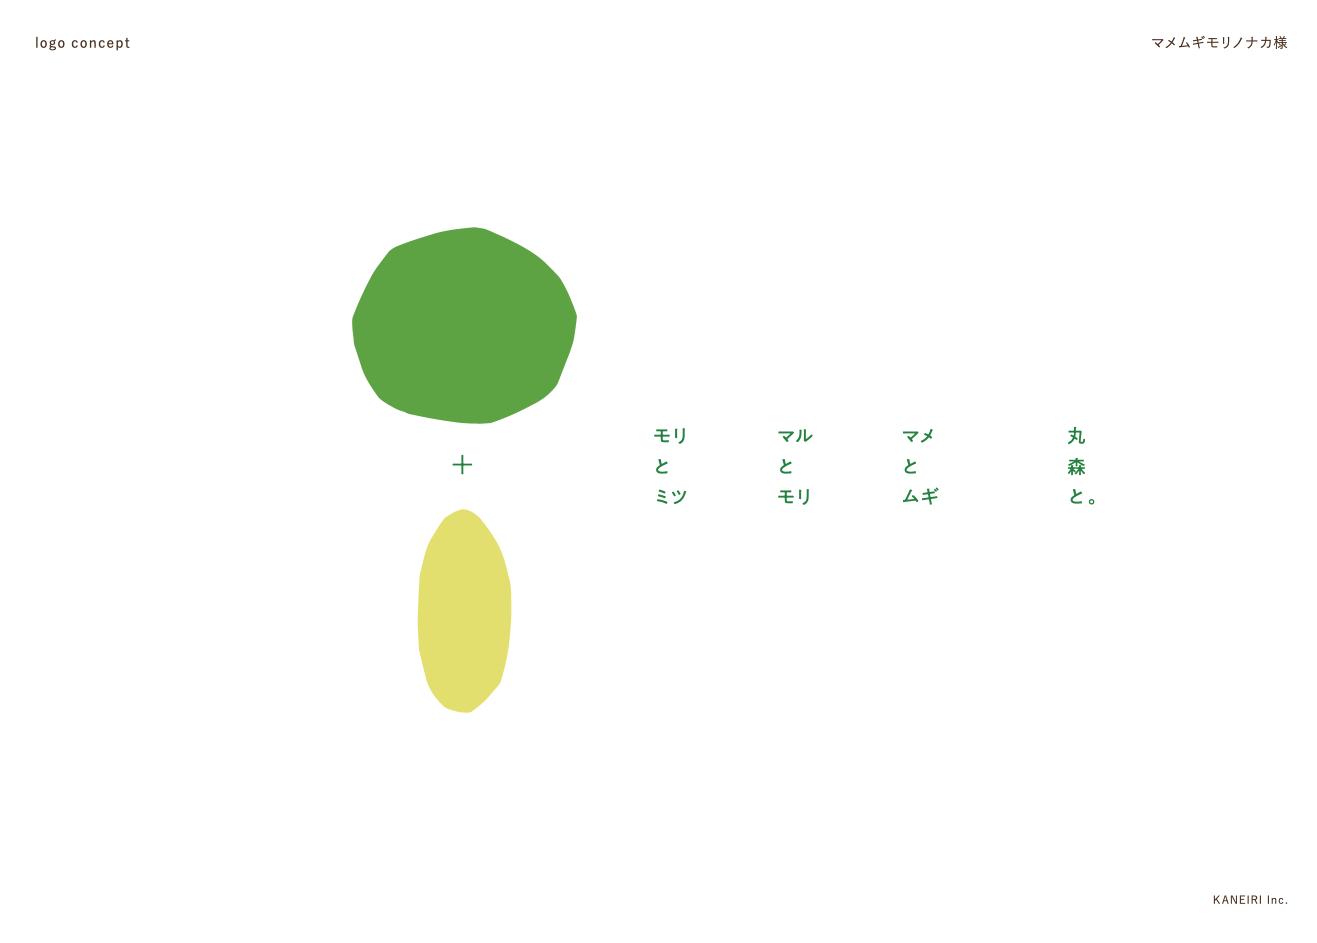 マメムギモリノナカのロゴデザイン